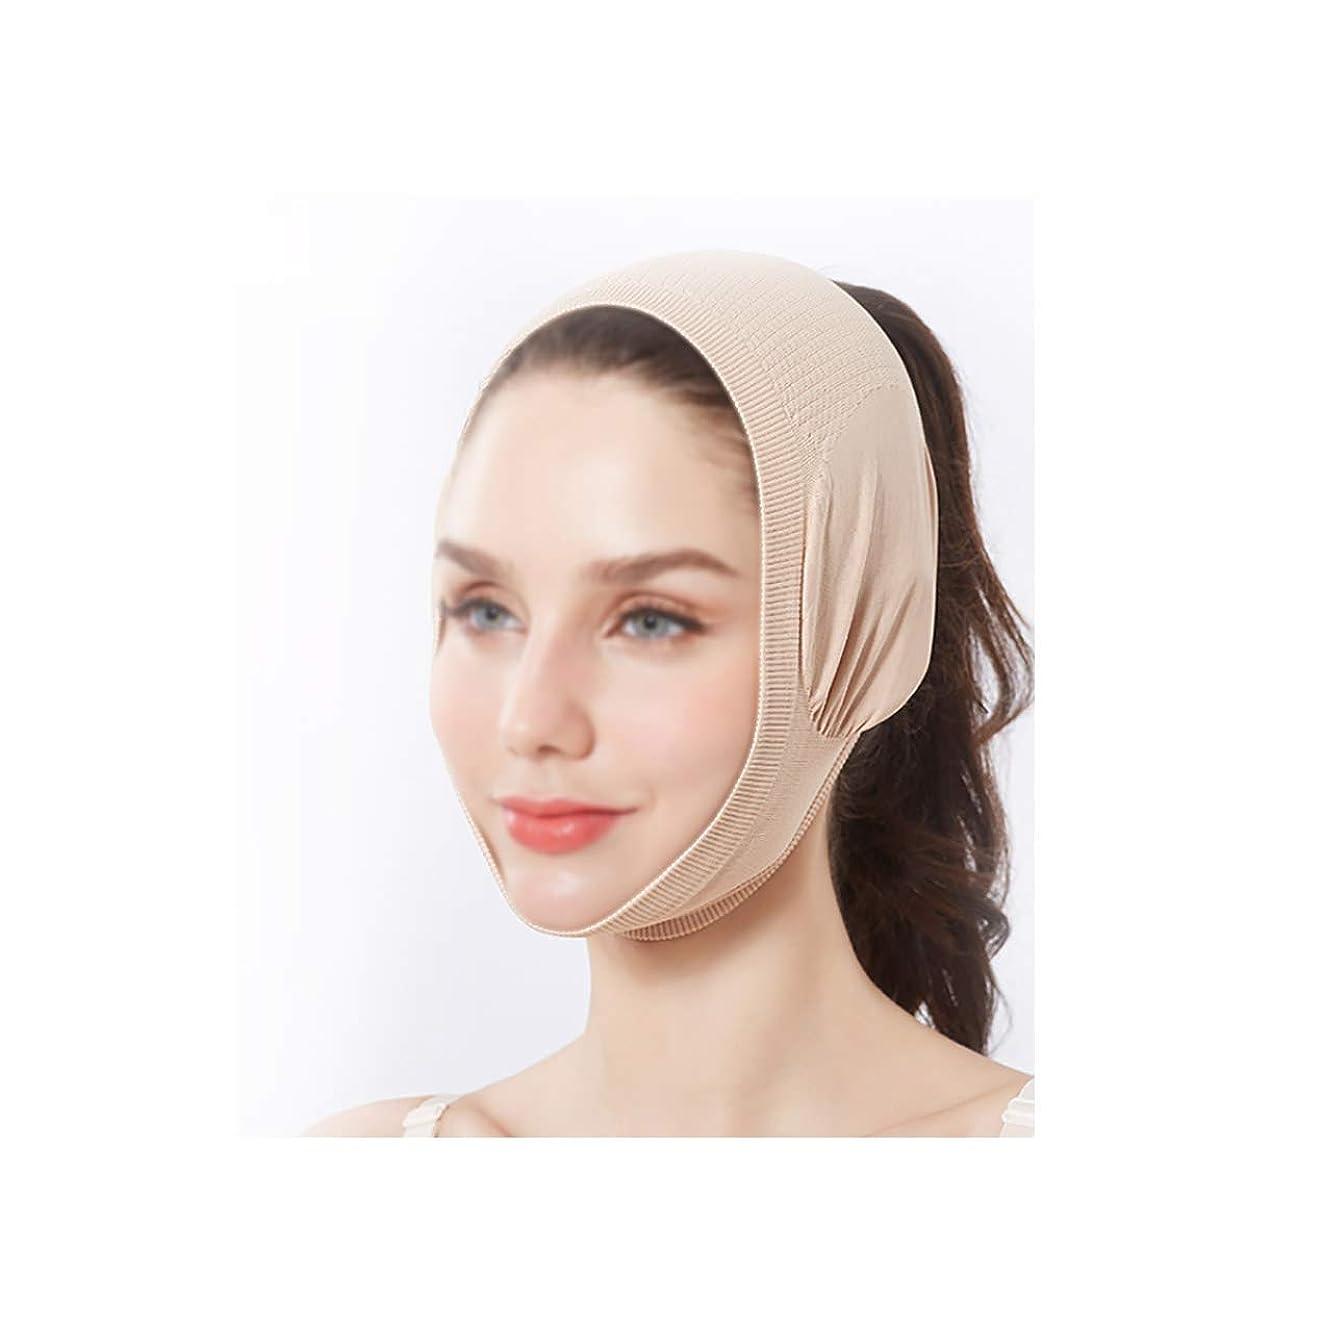 漫画道路を作るプロセス入浴TLMY フェイスリフトマスクマスクエクステンション強度フェースレス包帯フェイシャルラージVライン彫刻フェイシャルバックカバーネックバンド 顔用整形マスク (Color : Skin tone)